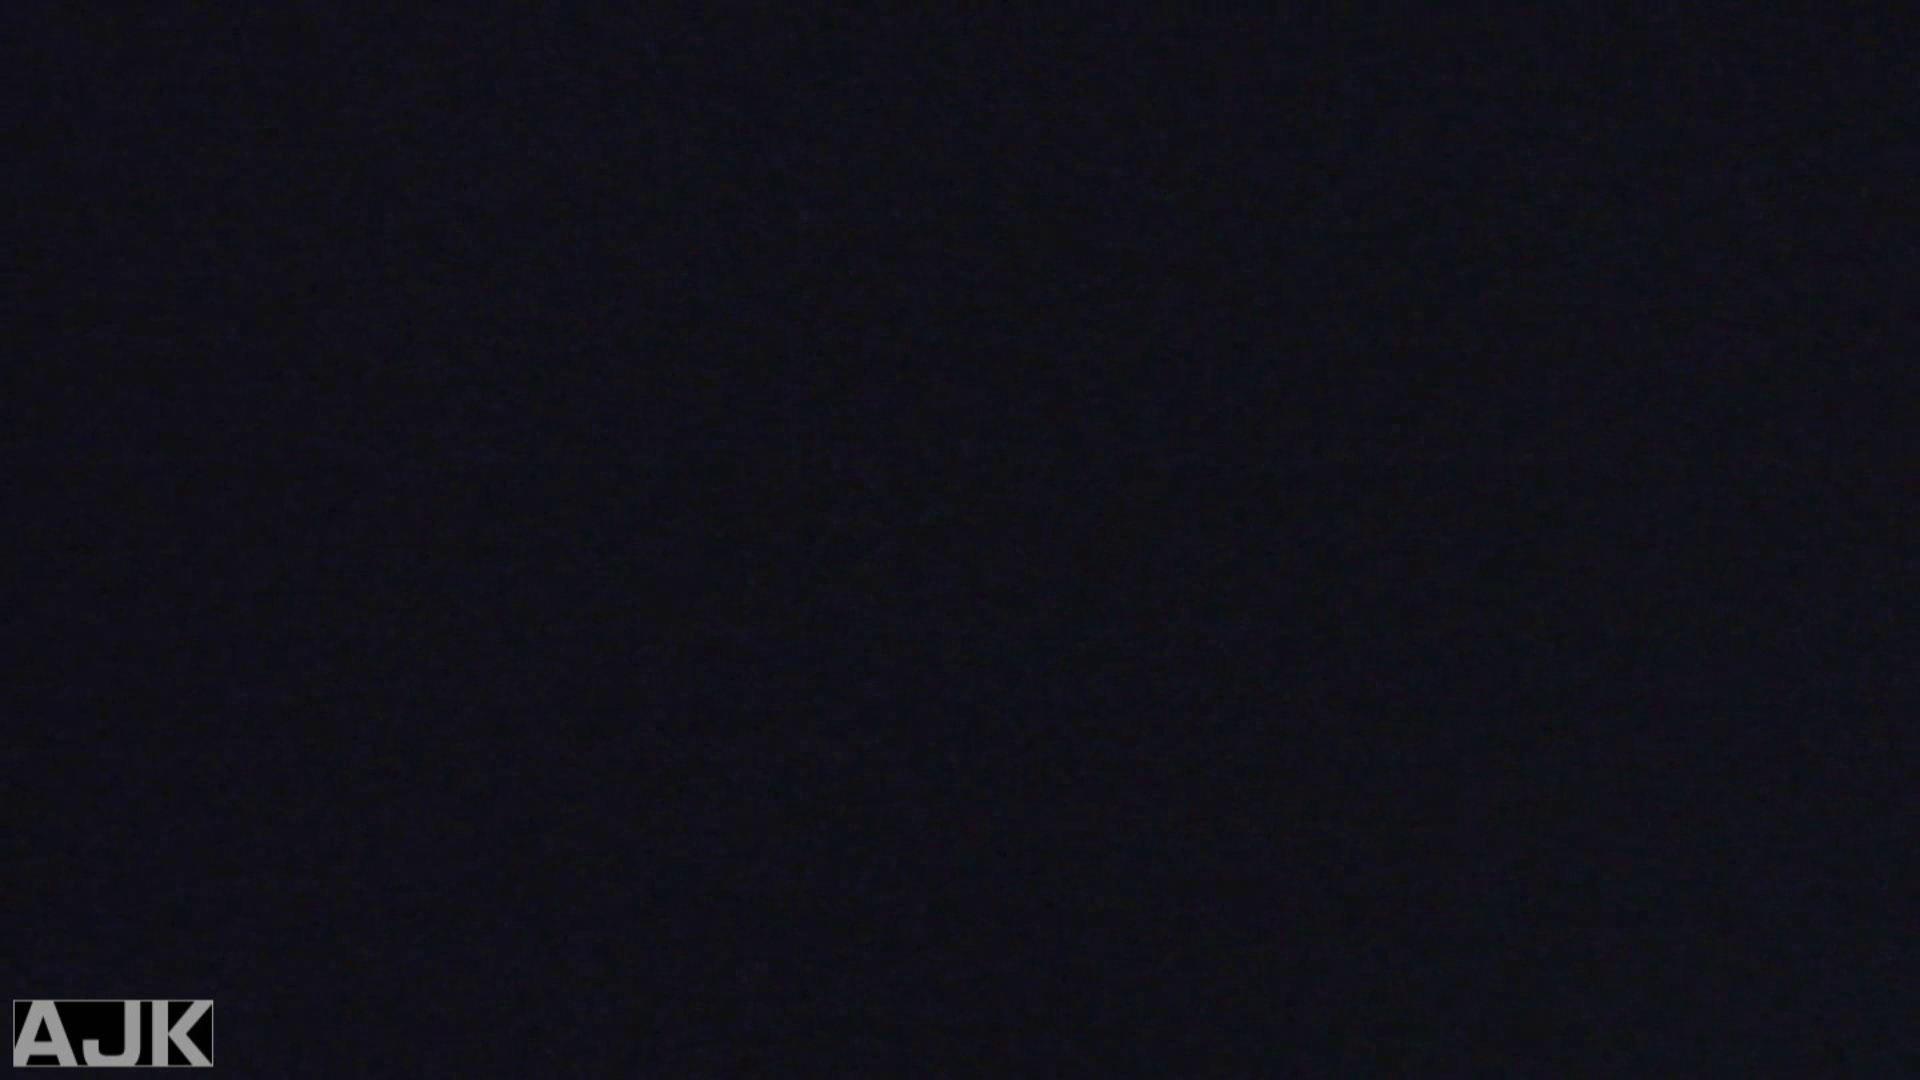 隣国上階級エリアの令嬢たちが集うデパートお手洗い Vol.15 便所 オメコ無修正動画無料 106画像 61